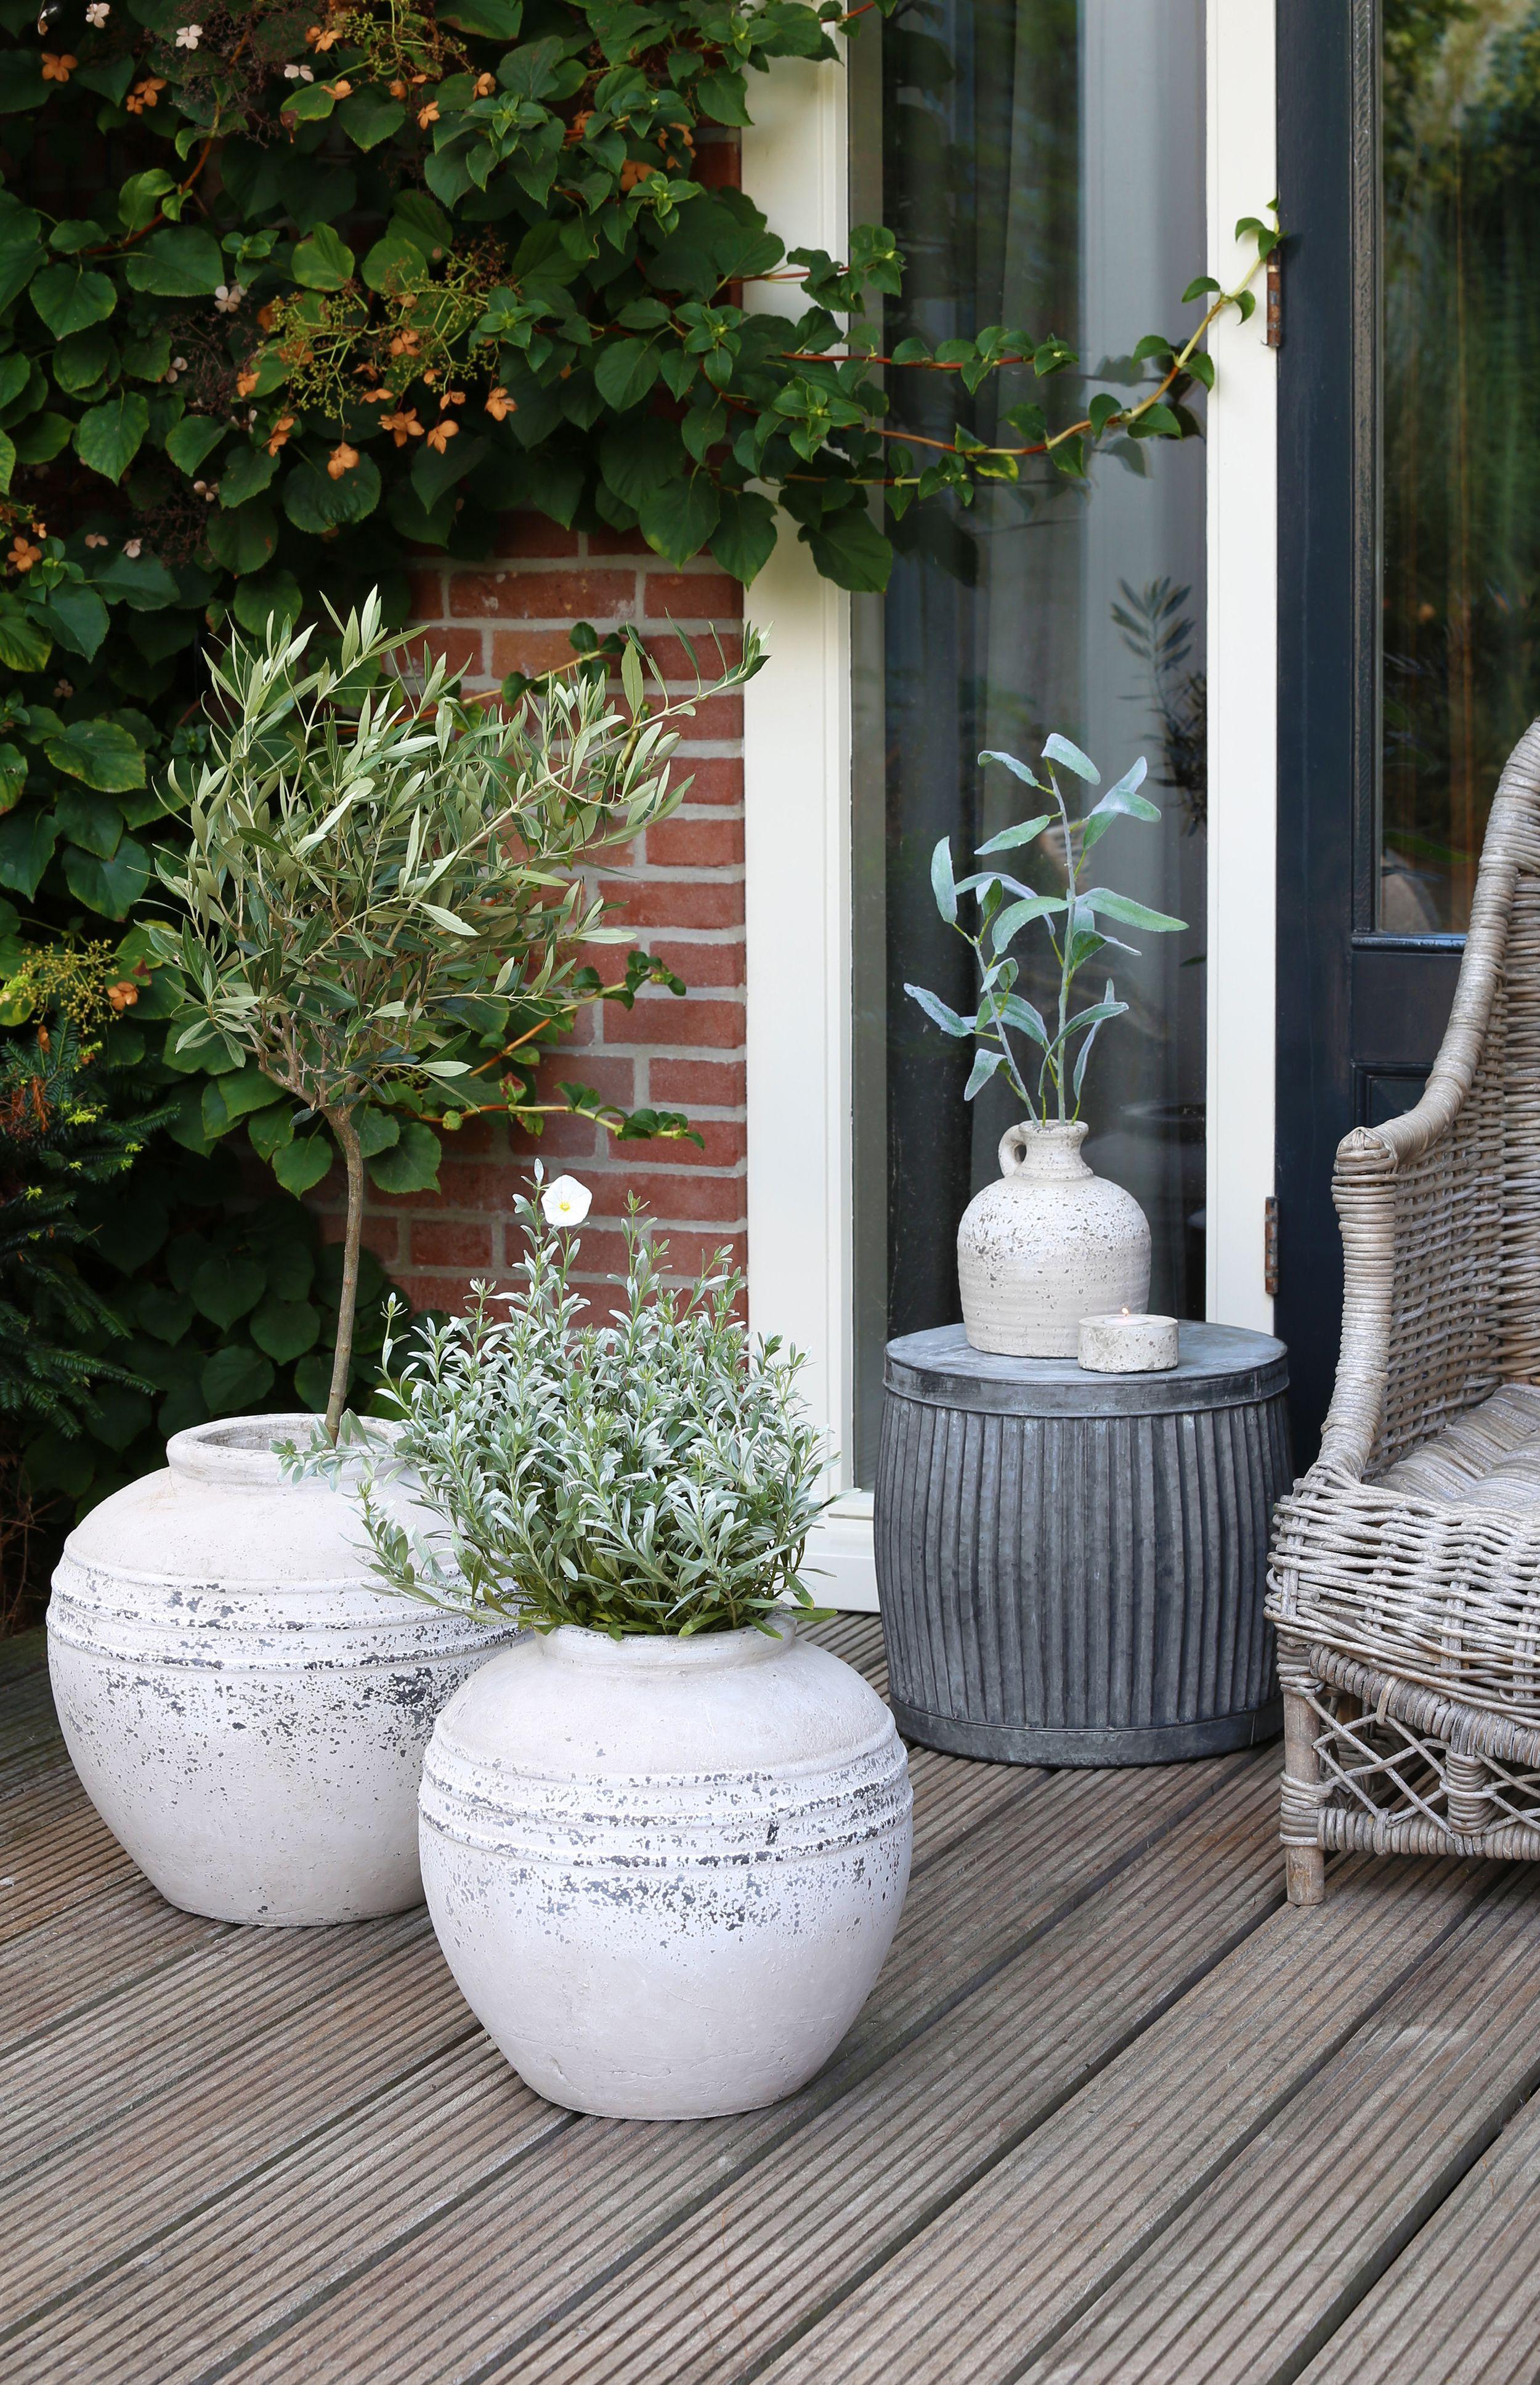 deco buiten bloempot vaas vazen landelijk kruik decoratie